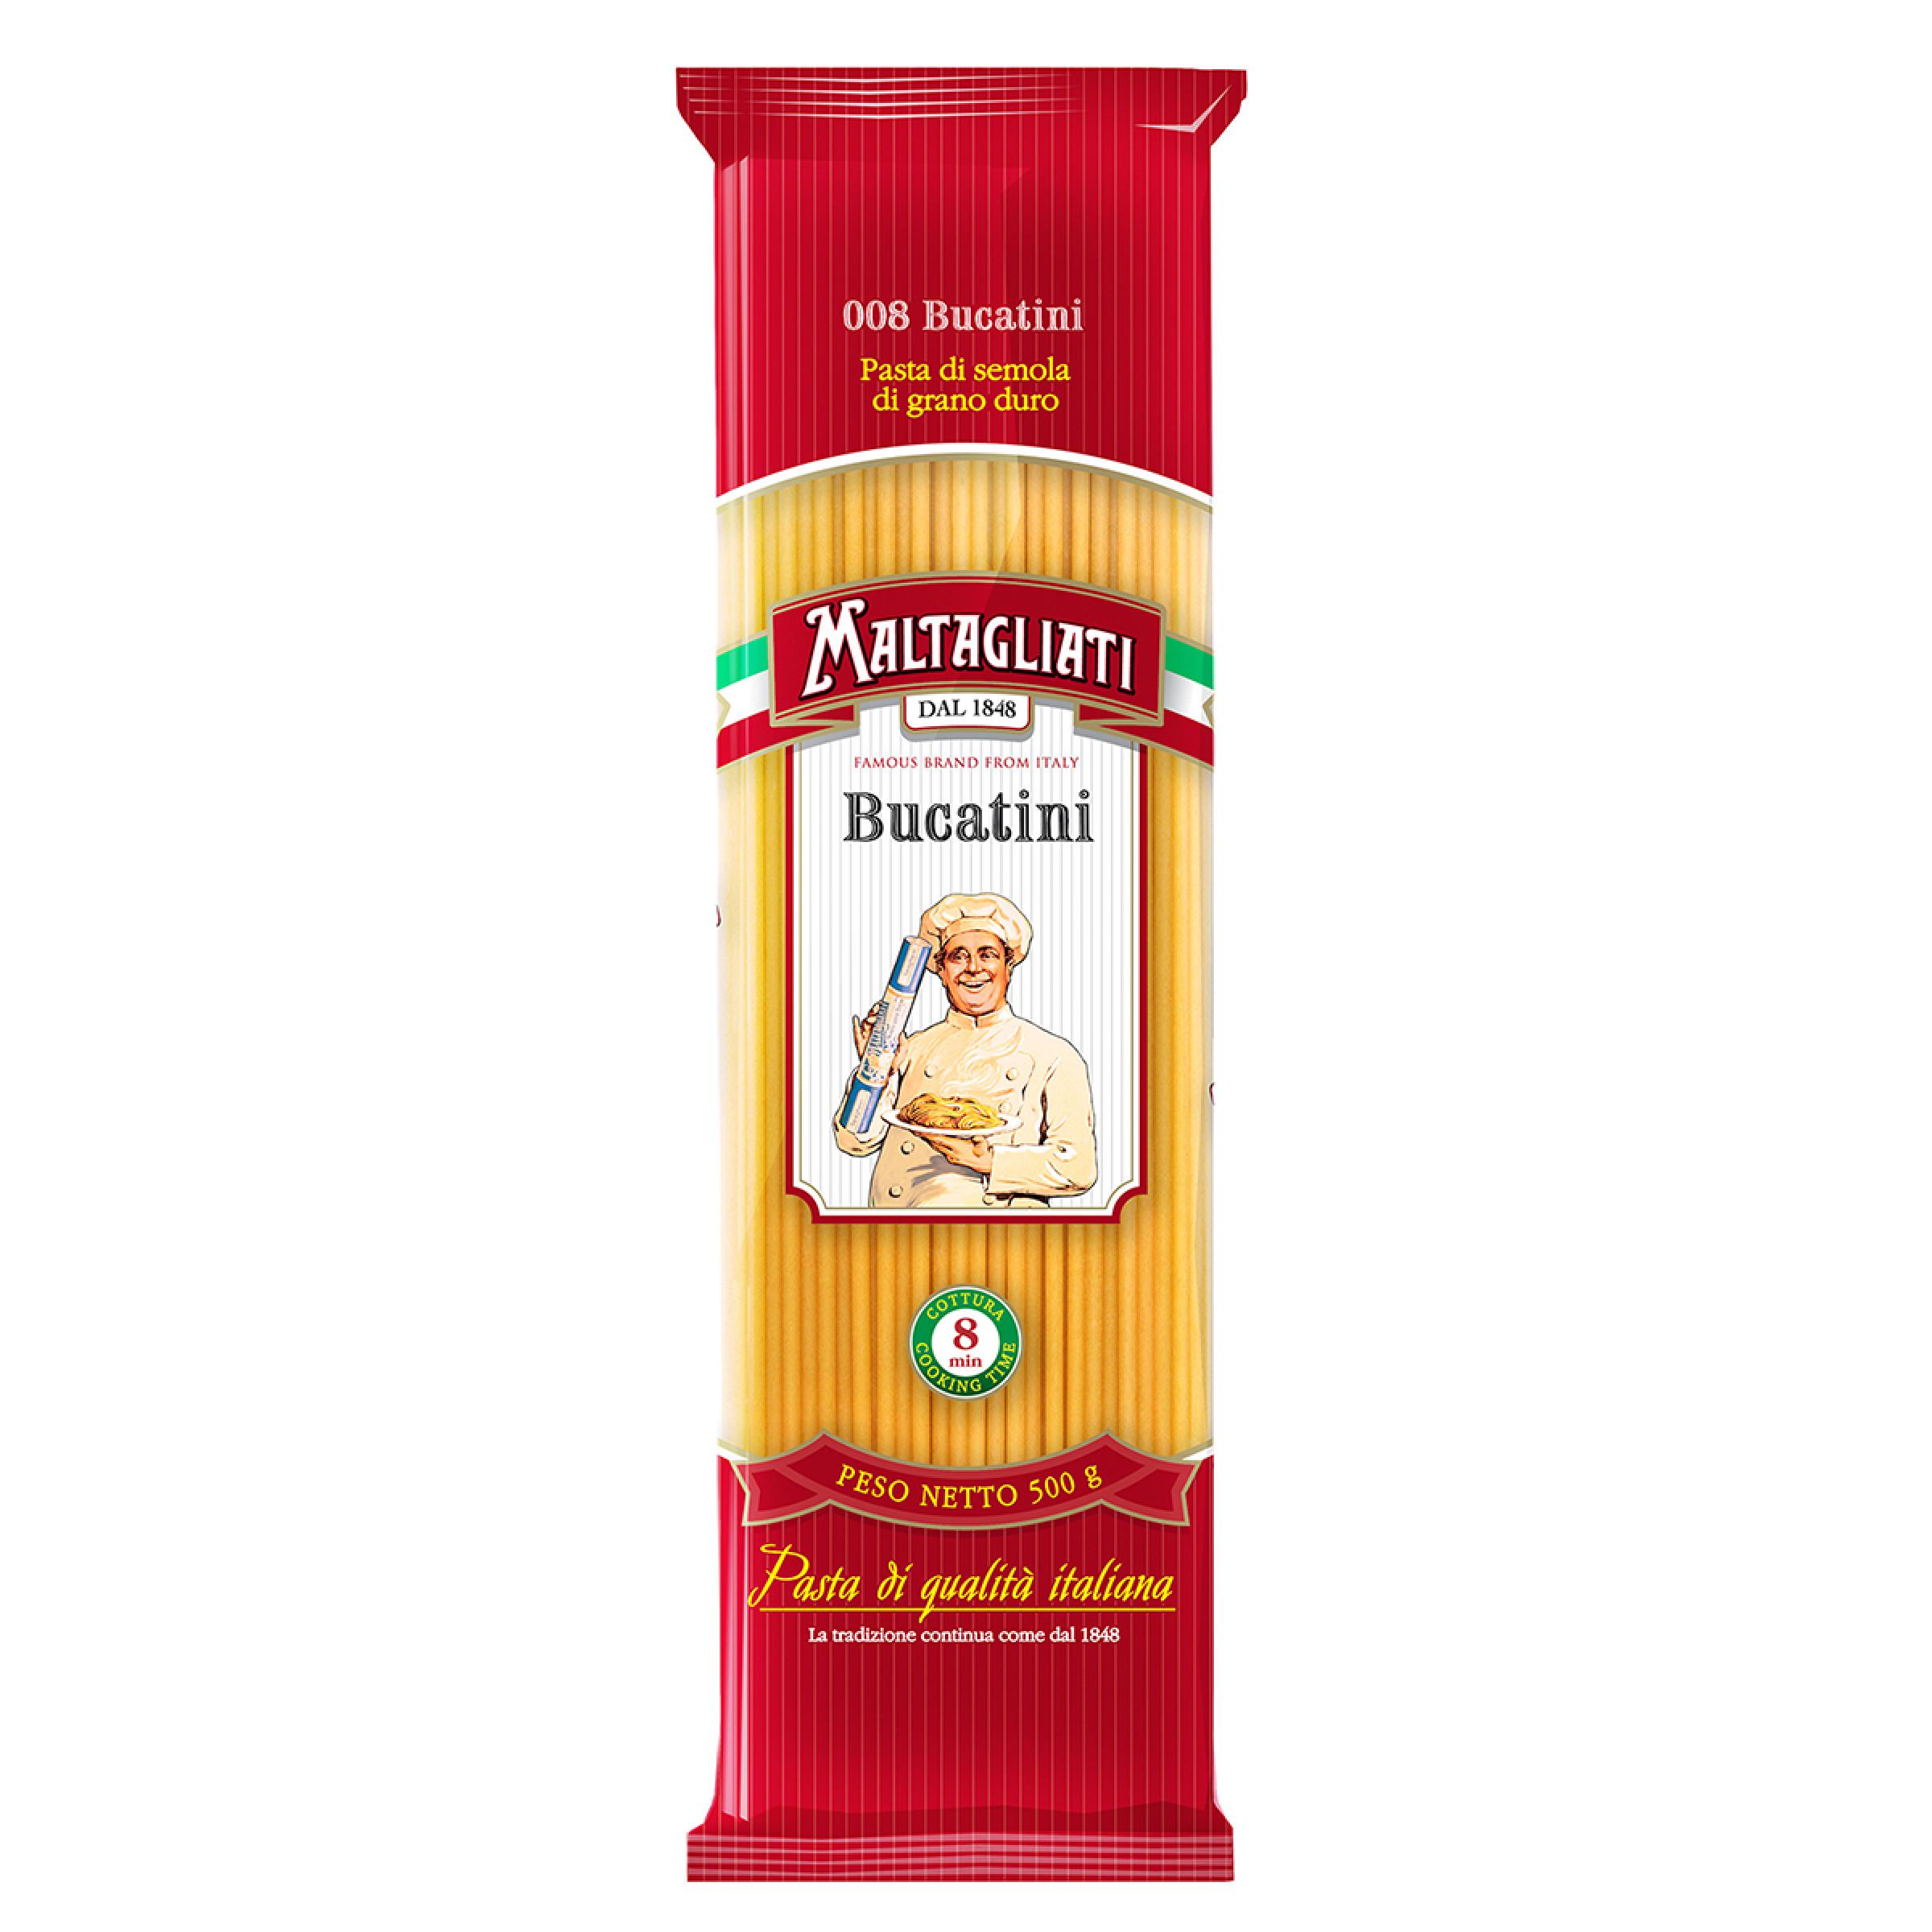 Макаронные изделия Maltagliati Bucatini 008, 500г